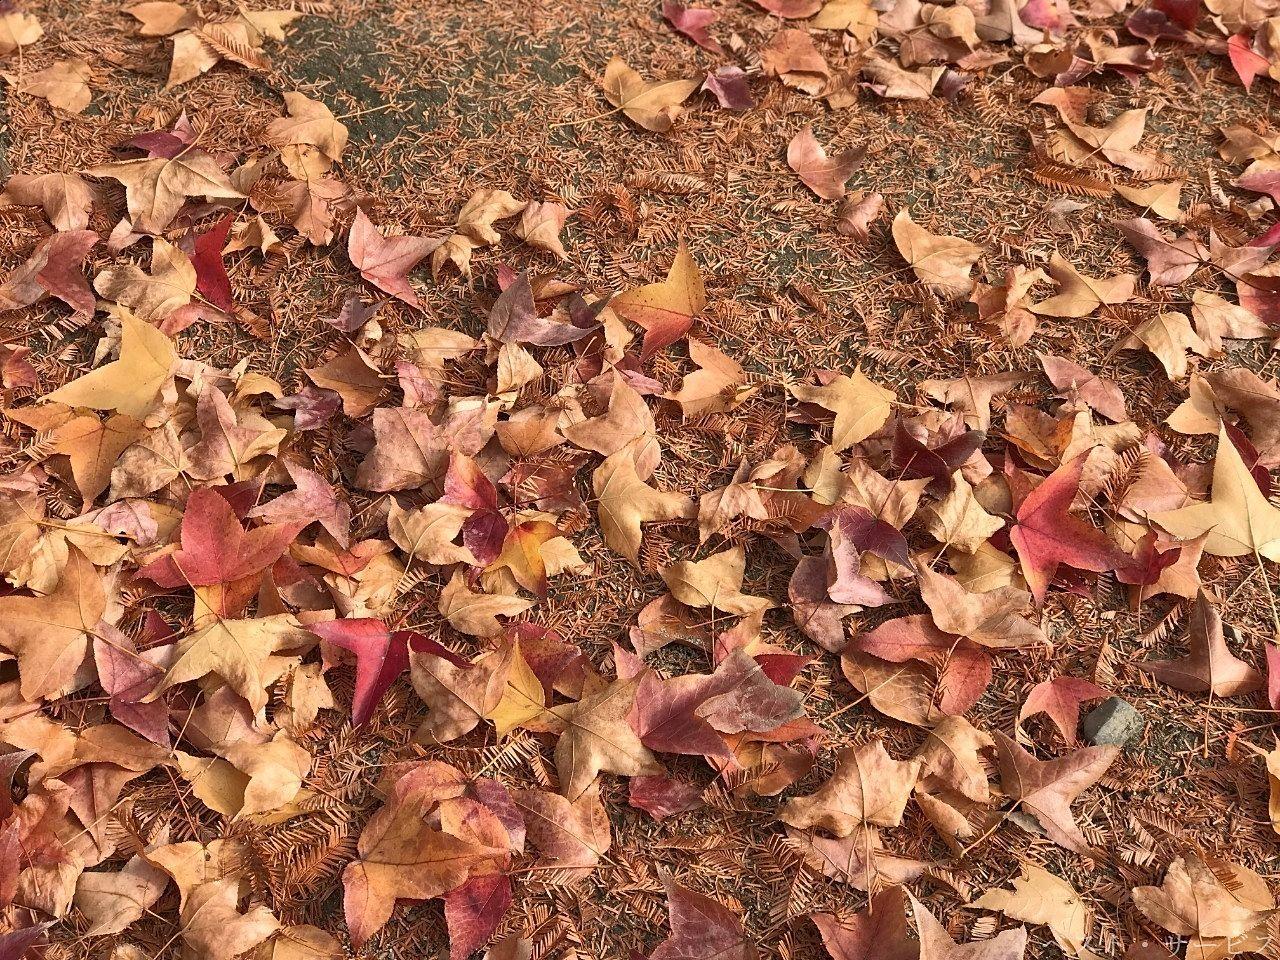 岡山県総合グラウンドの並木道にあった落ち葉